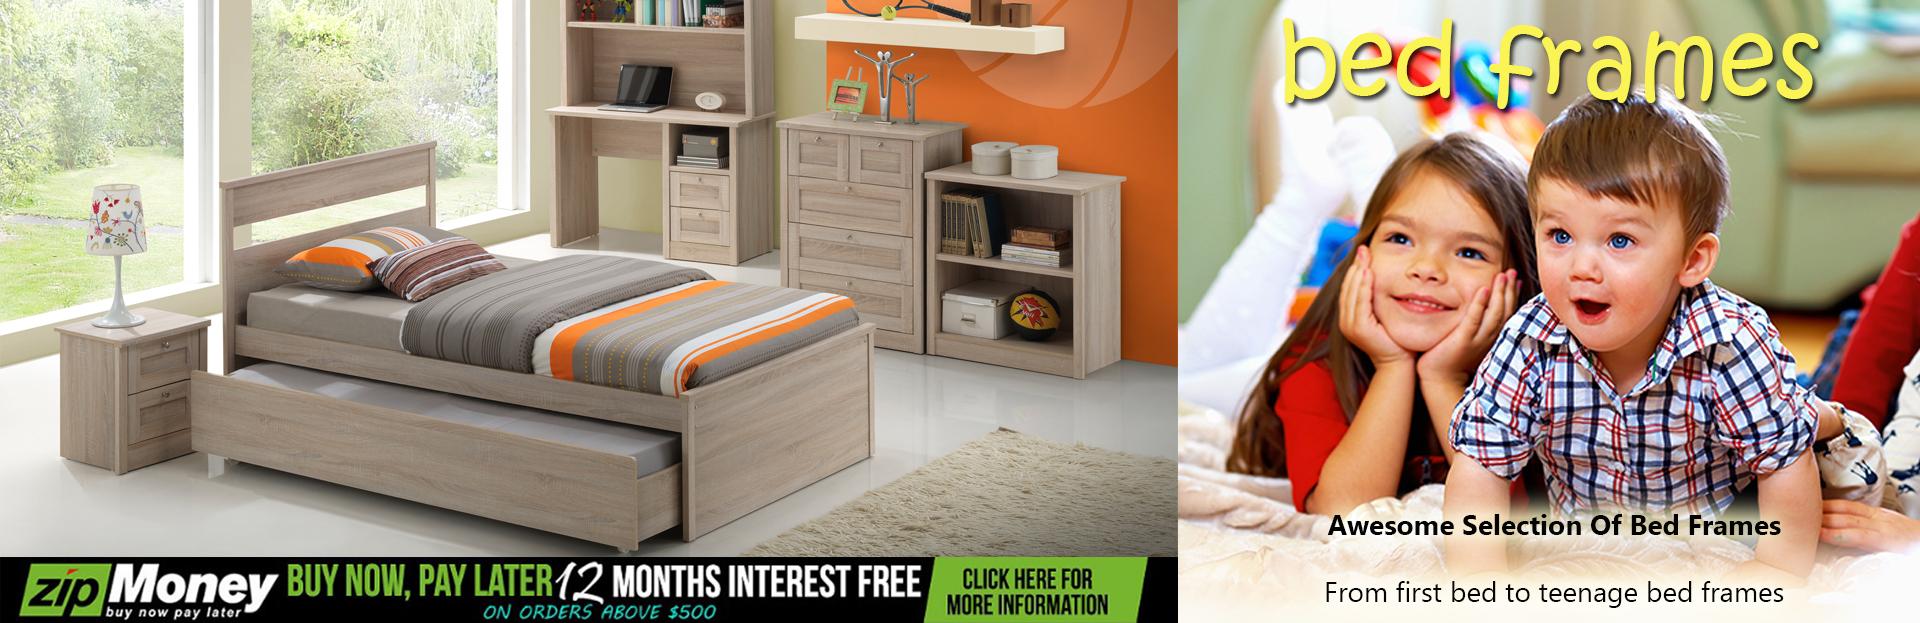 bed-frames-banner-new.jpg